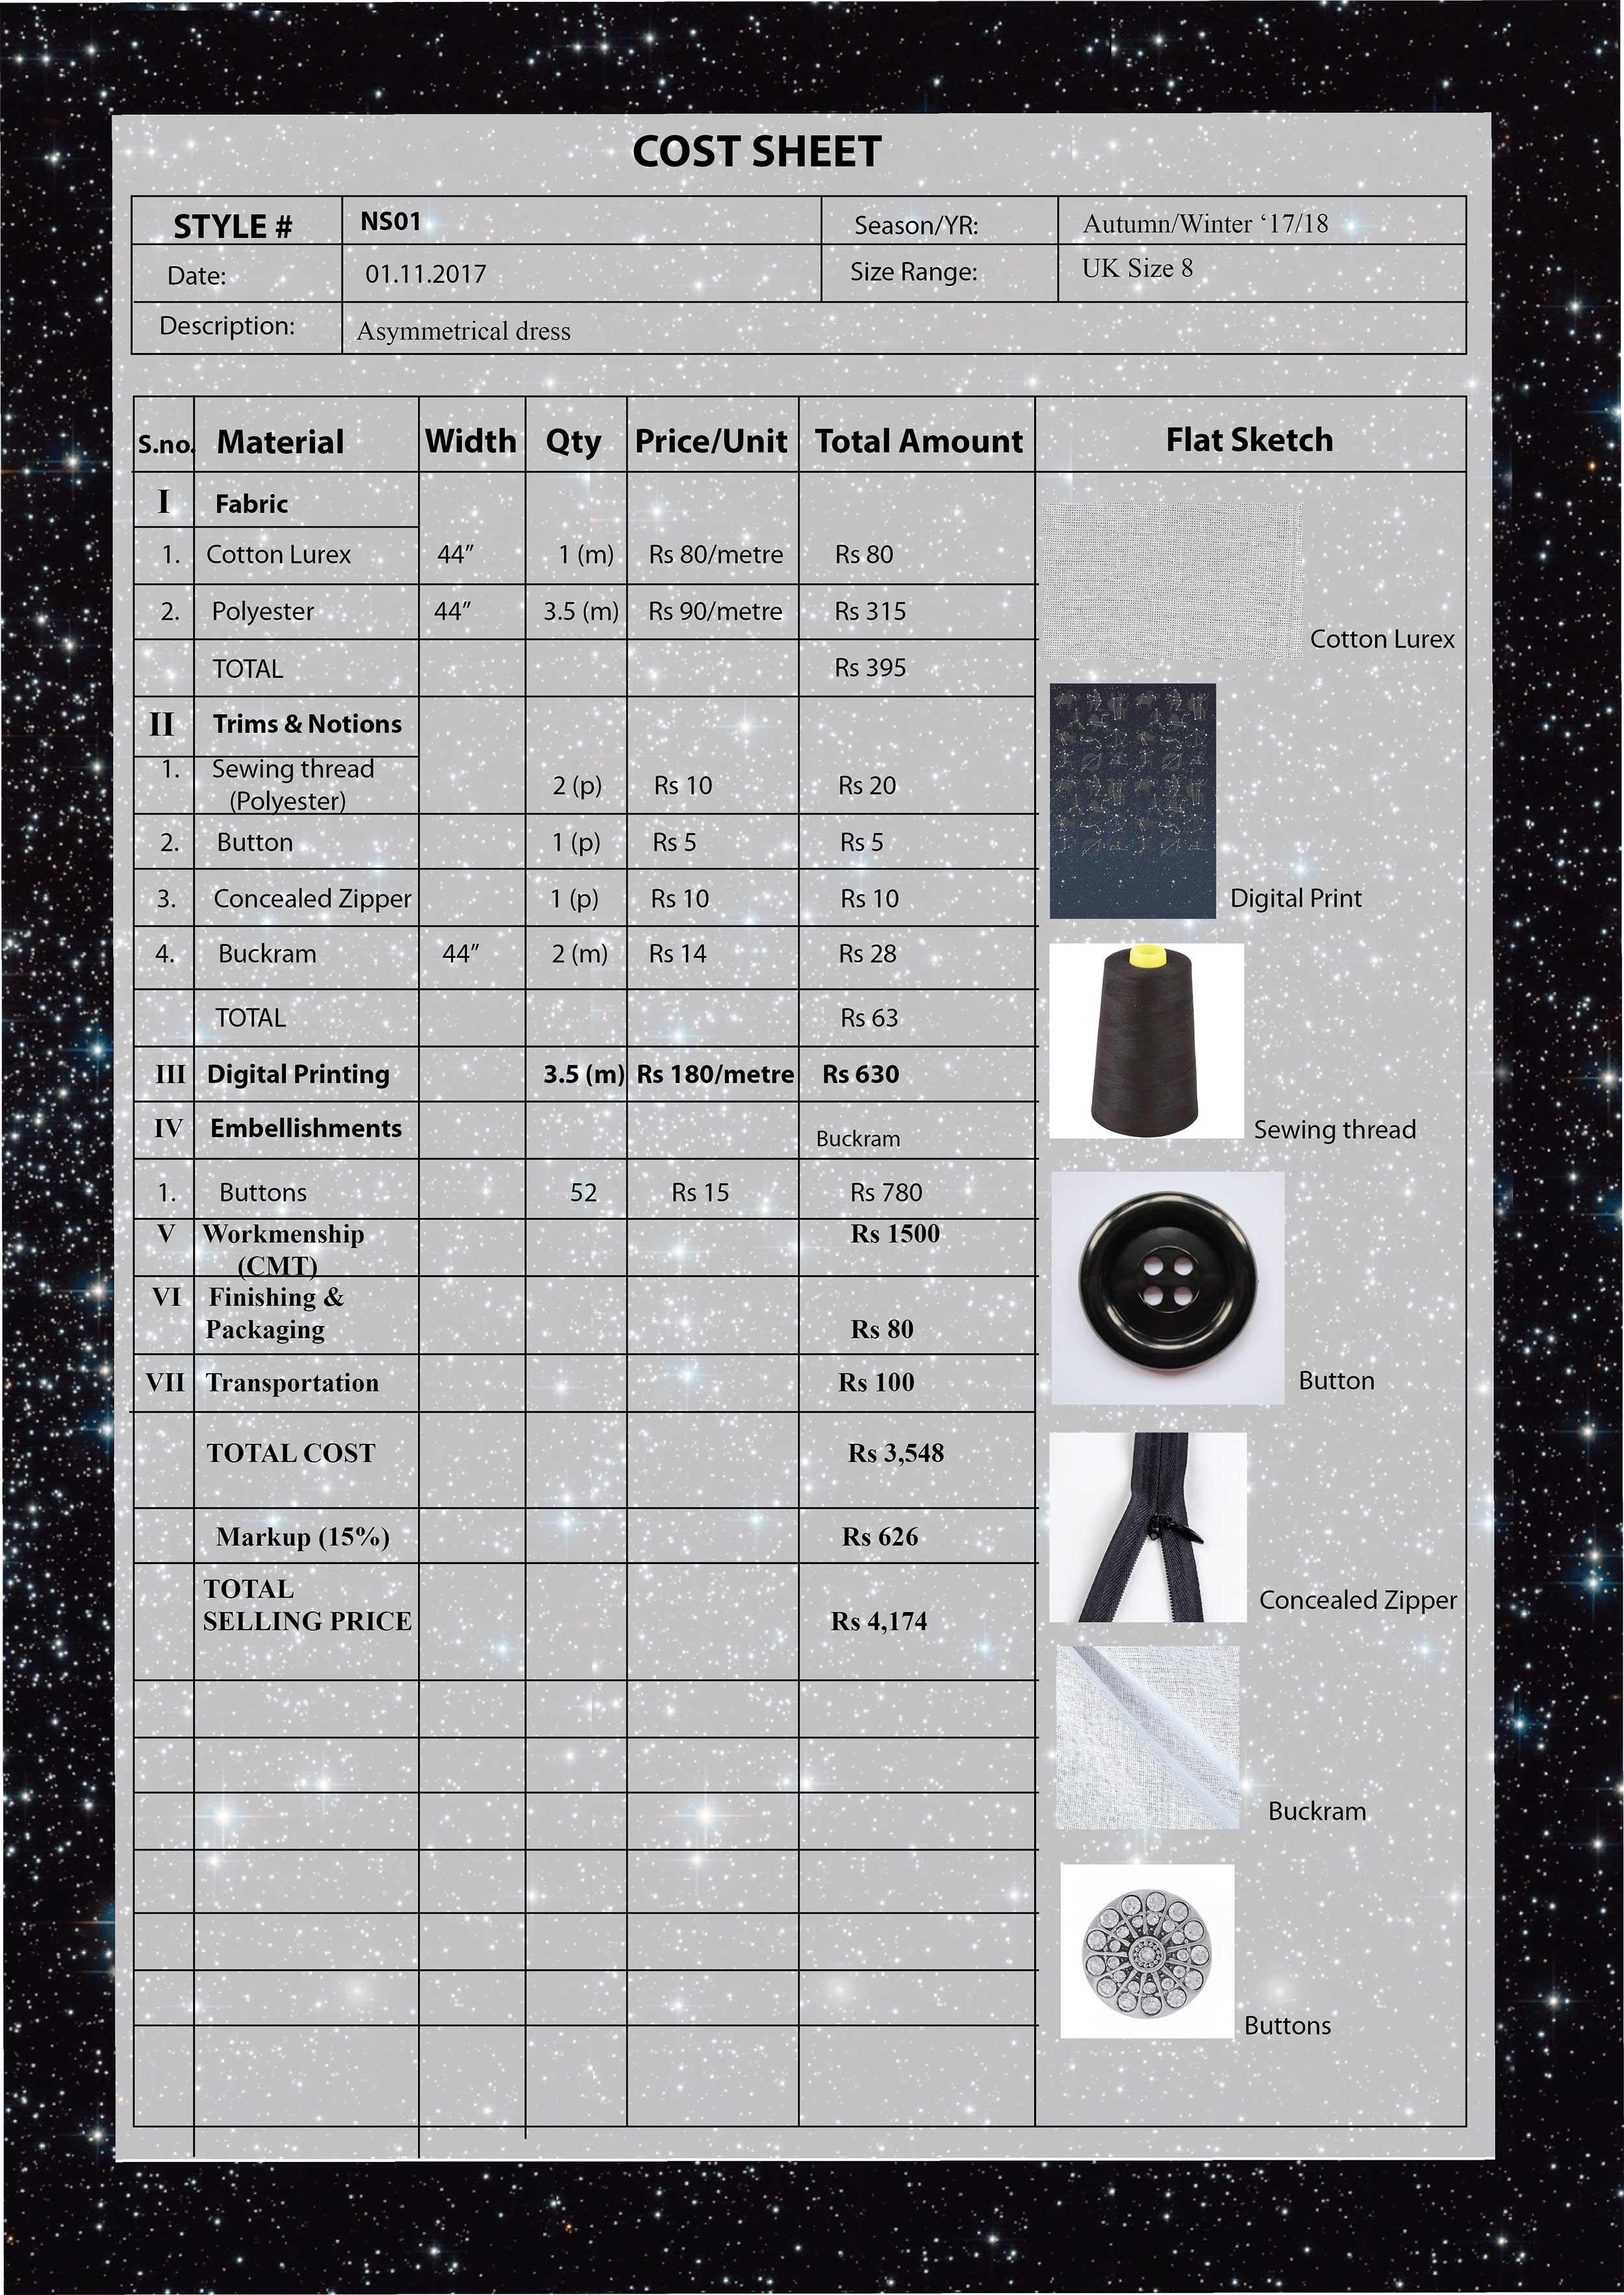 Cost Sheet – Asymmetric Dress